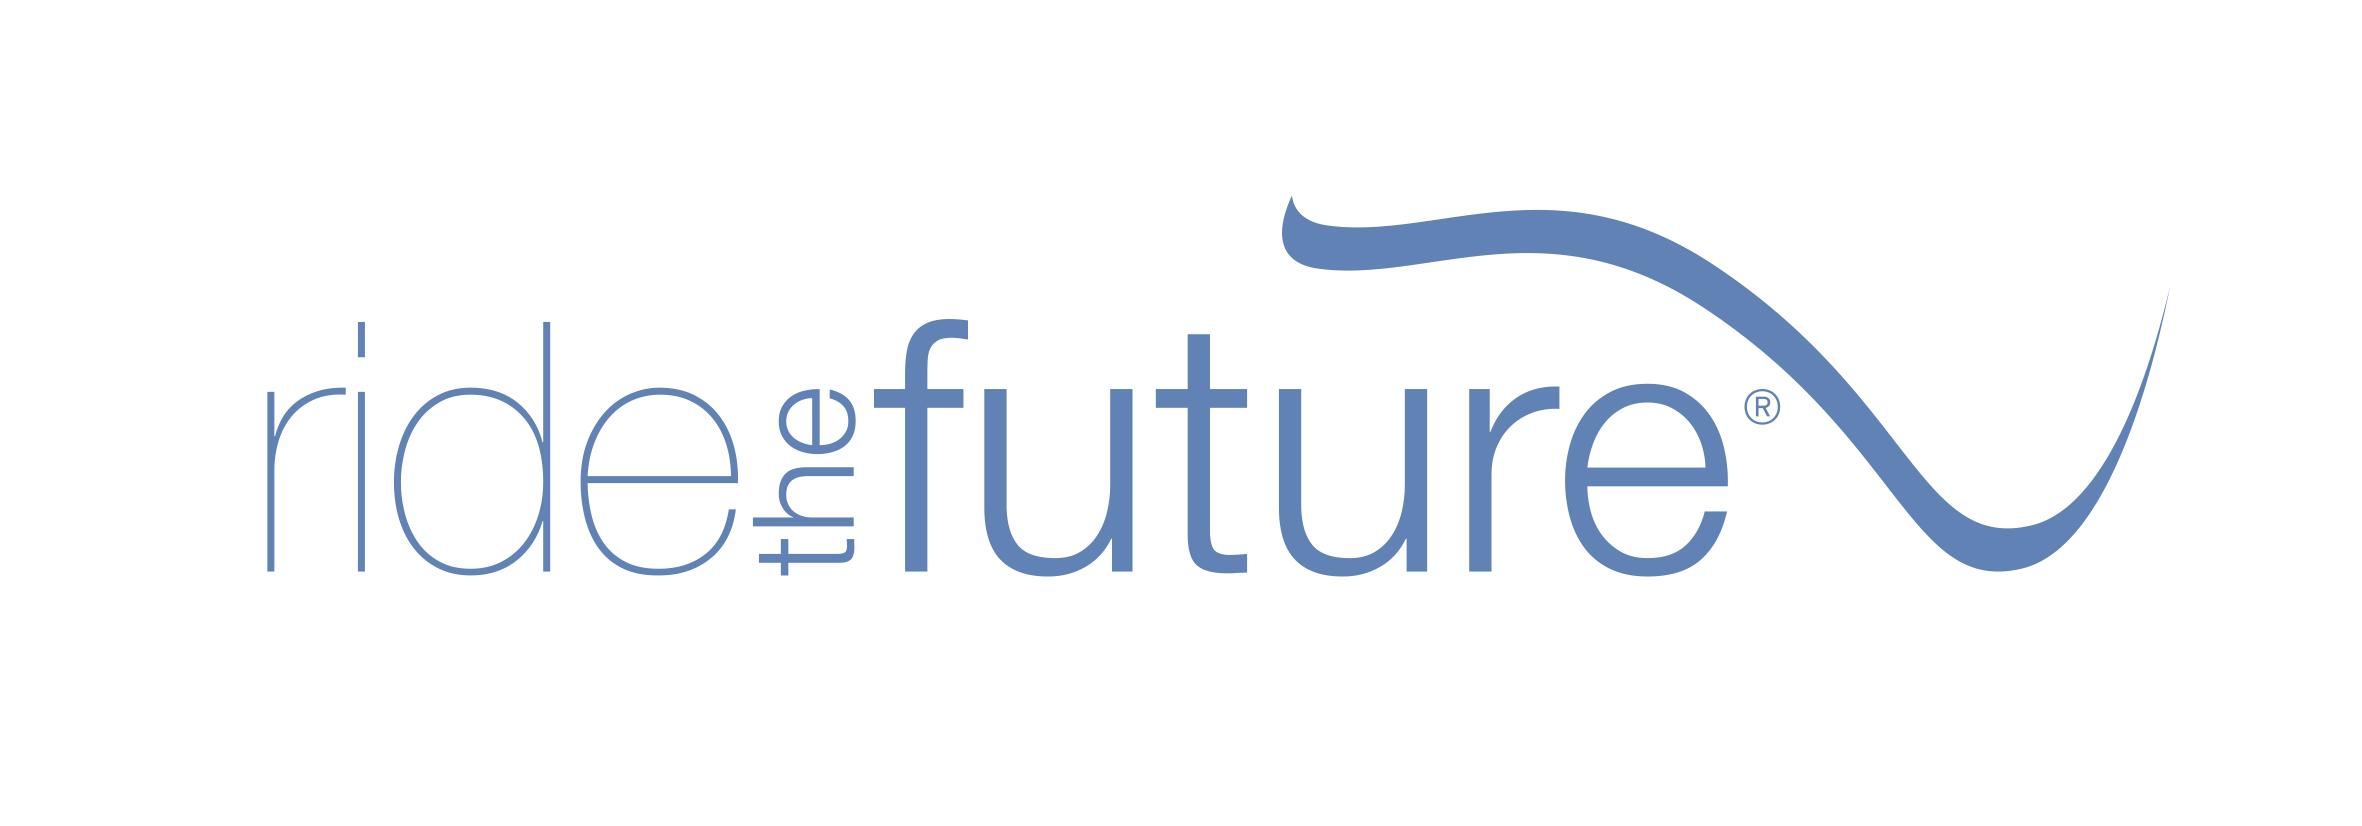 Logo Ride the future colore con swirl.png